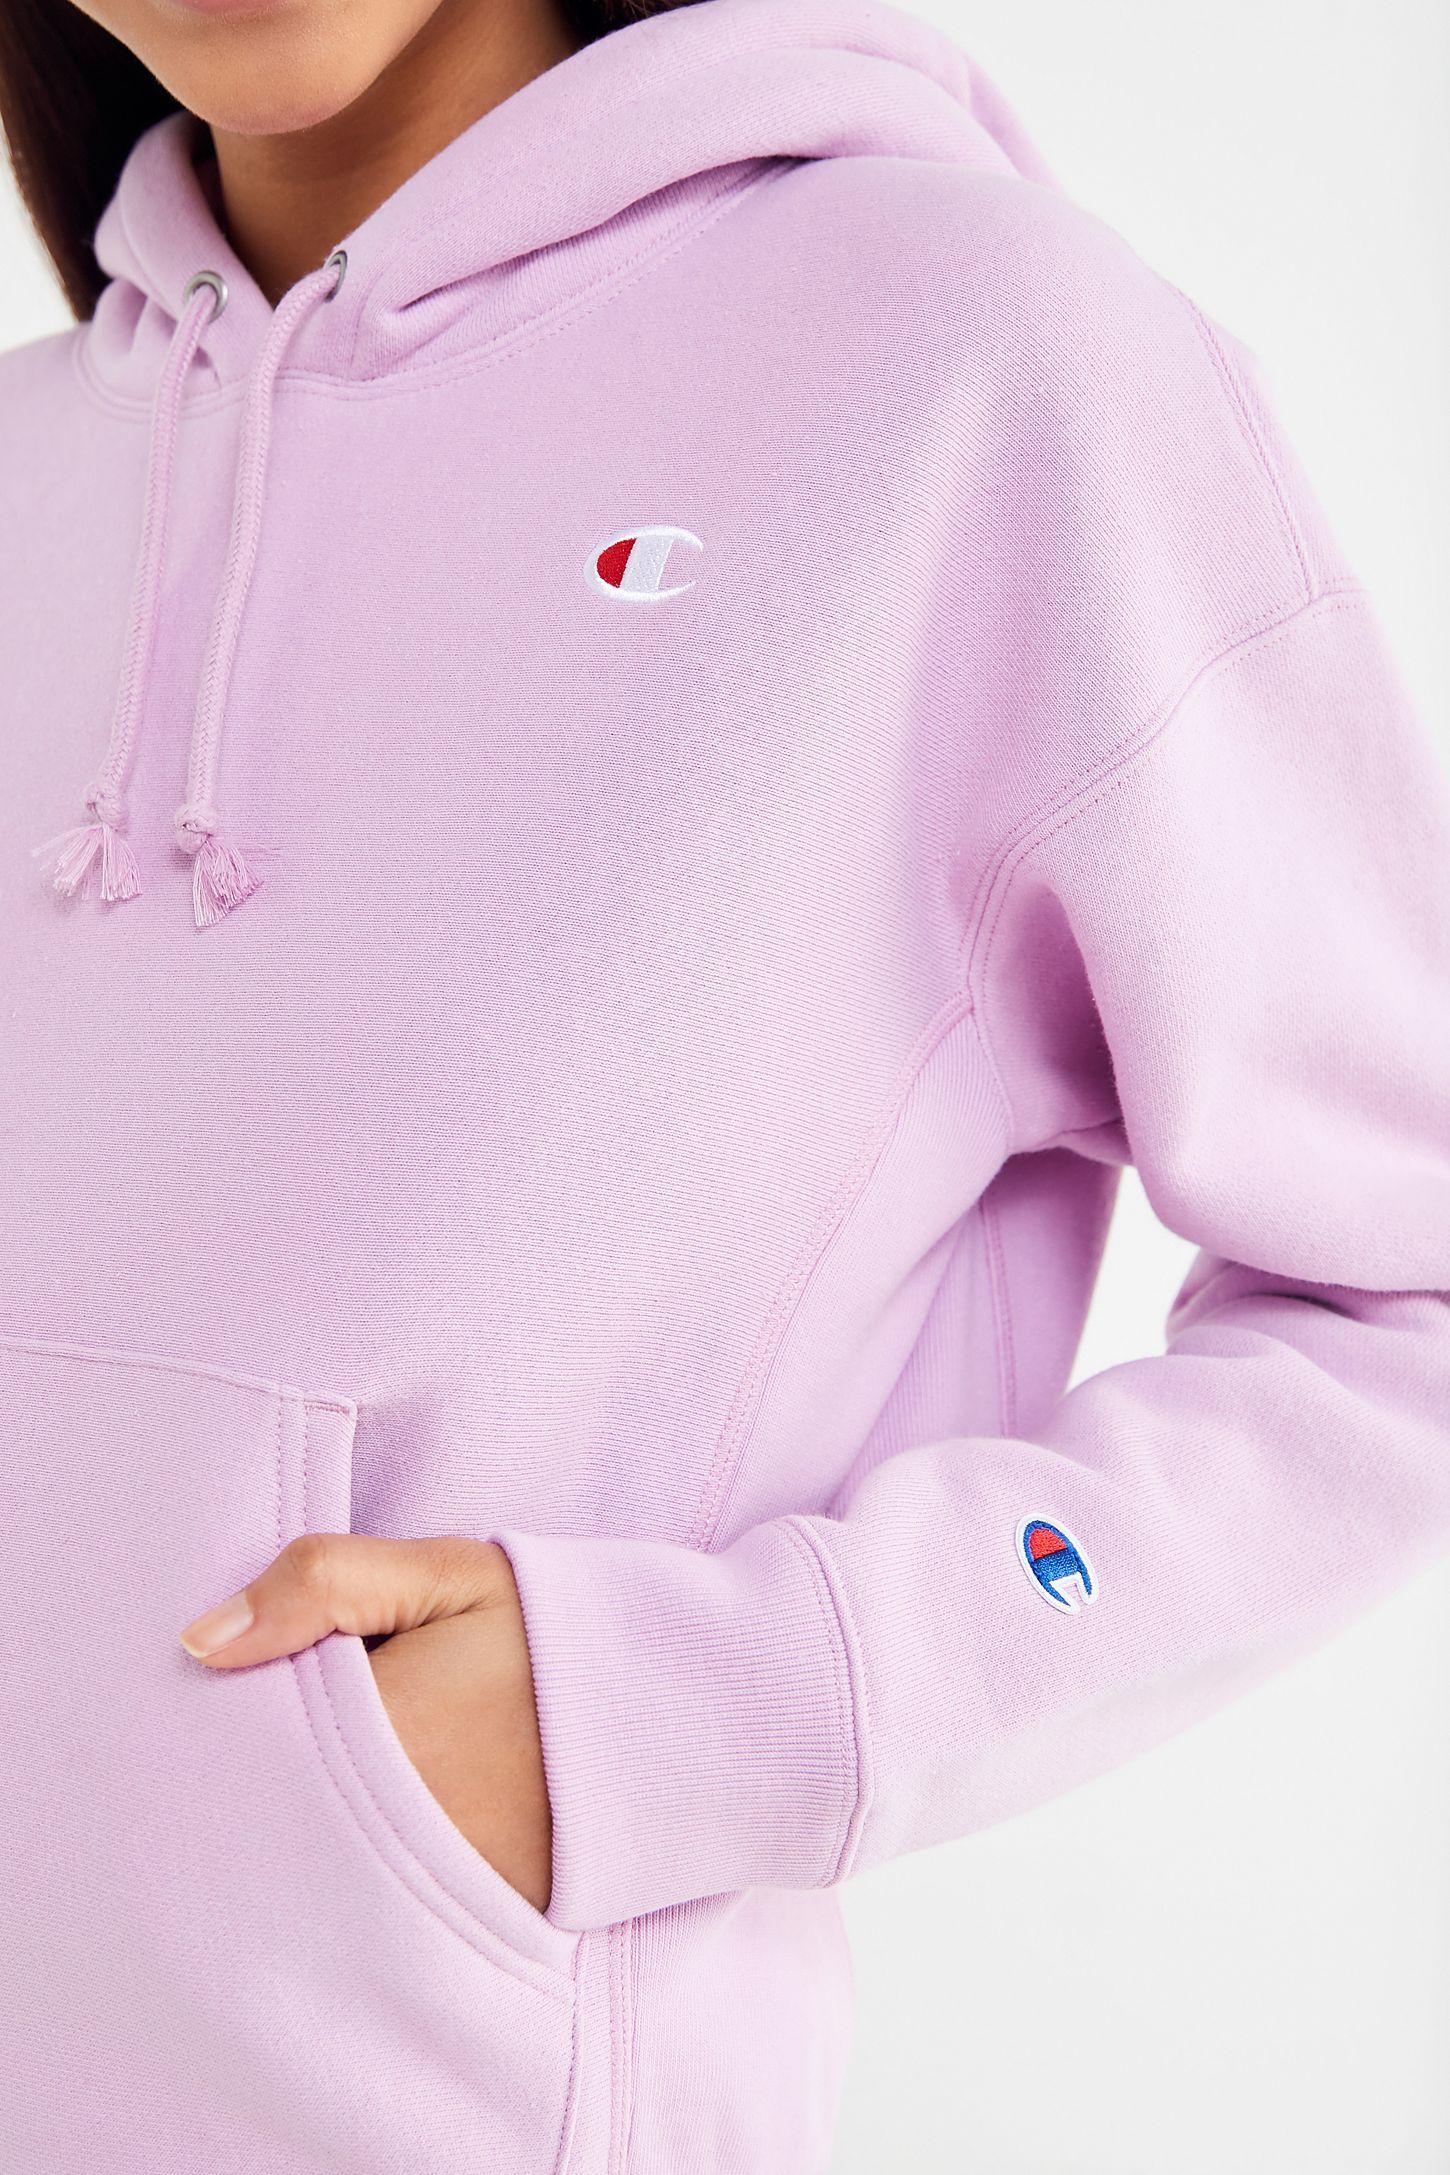 Champion Uo Exclusive Hoodie Sweatshirt Sweatshirts Hoodie Champion Clothing Champion Hoodie Women [ 2175 x 1450 Pixel ]